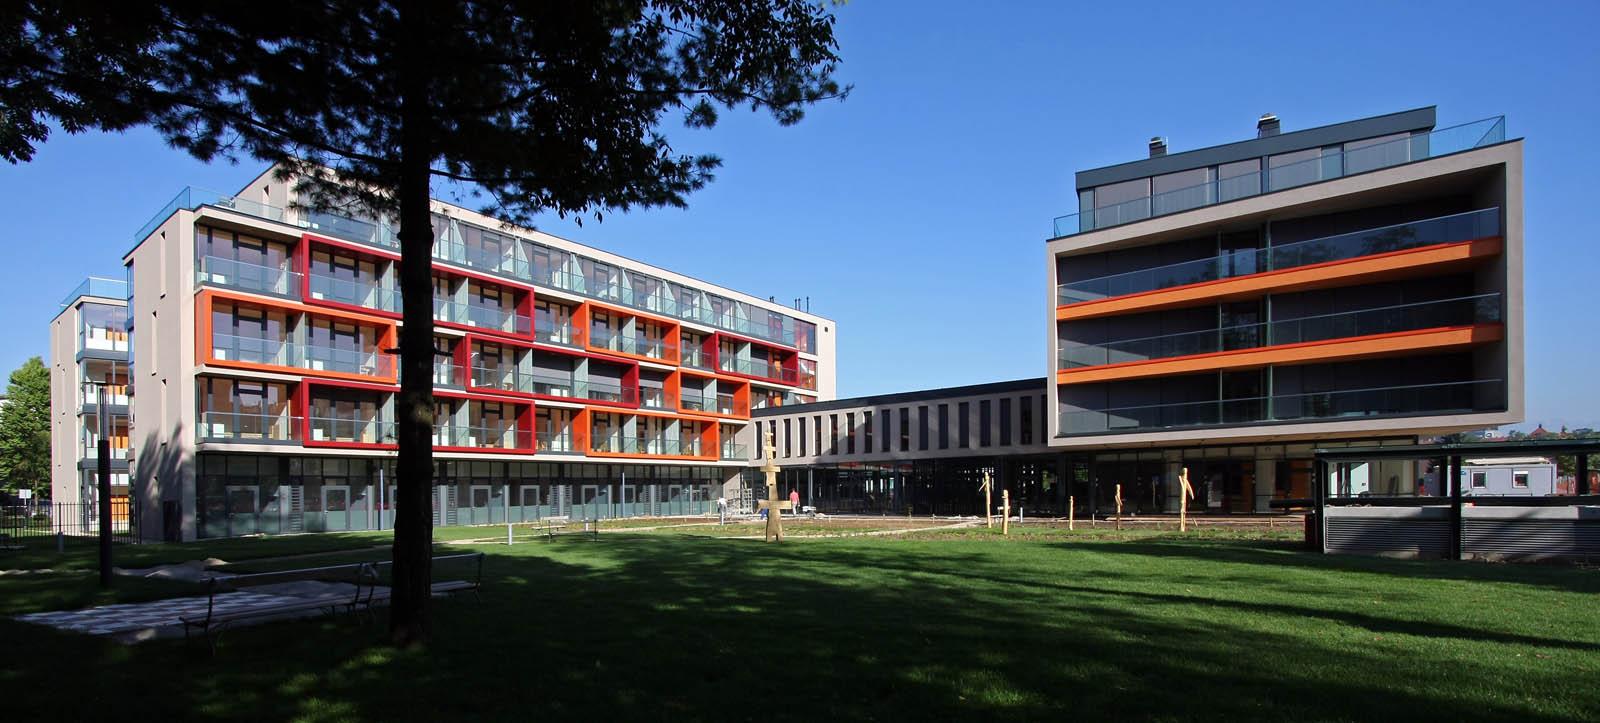 CENTER FOR ELDELRY TRNOVO IN LJUBLJANA  October 2009